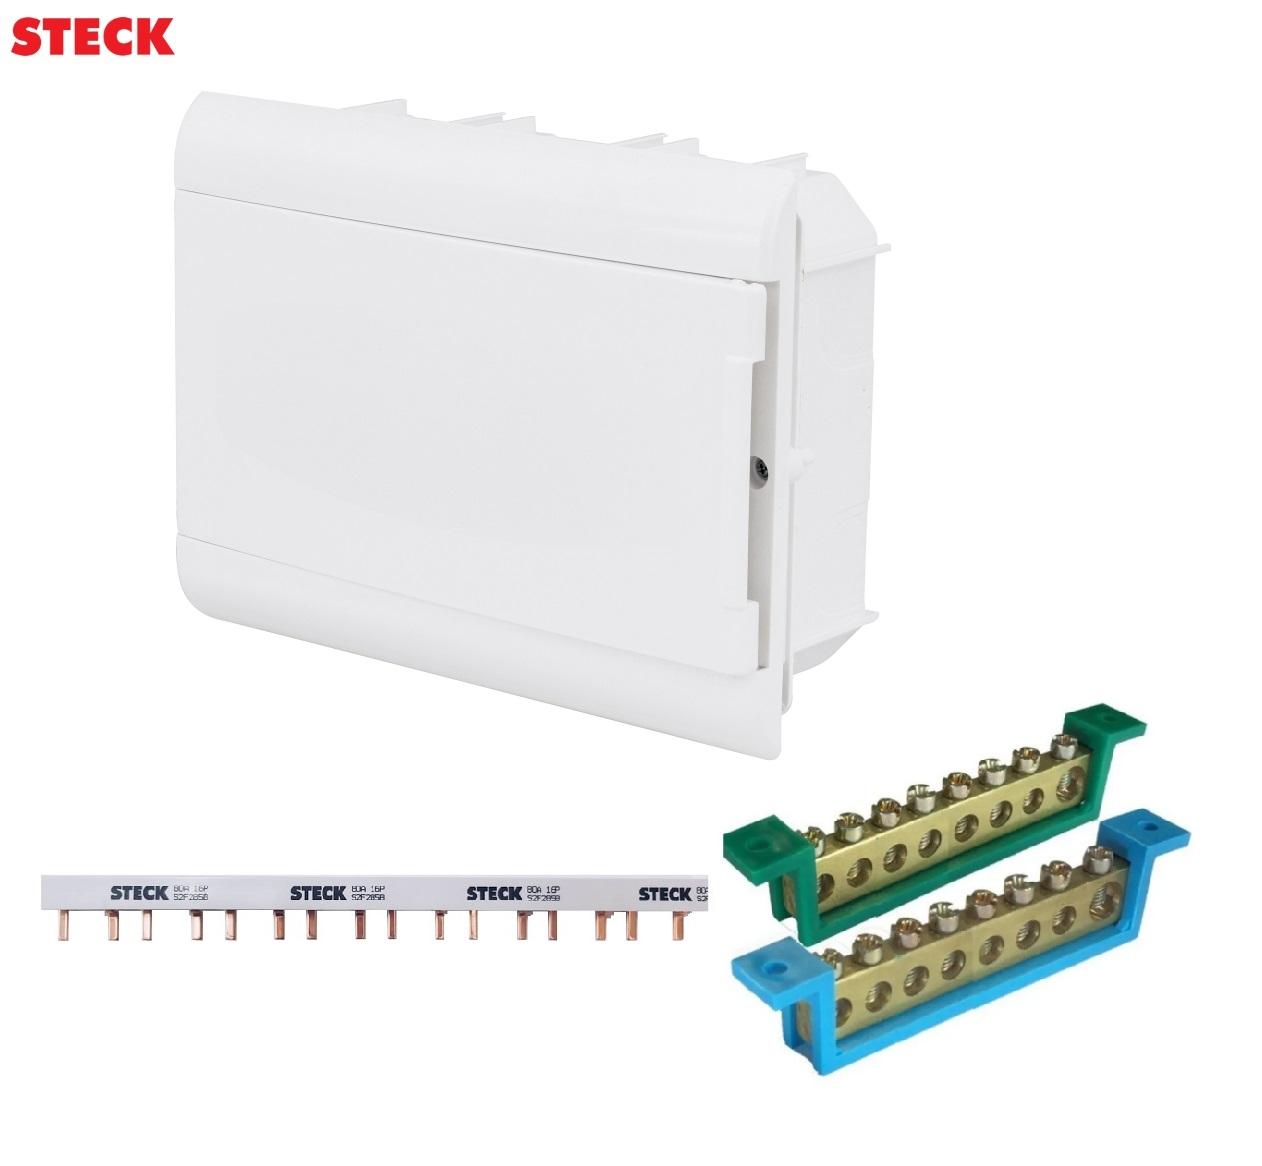 Kit Quadro Distribuição Steck 16 Disjuntores + Barramento Pente Bifásico, Neutro e Terra